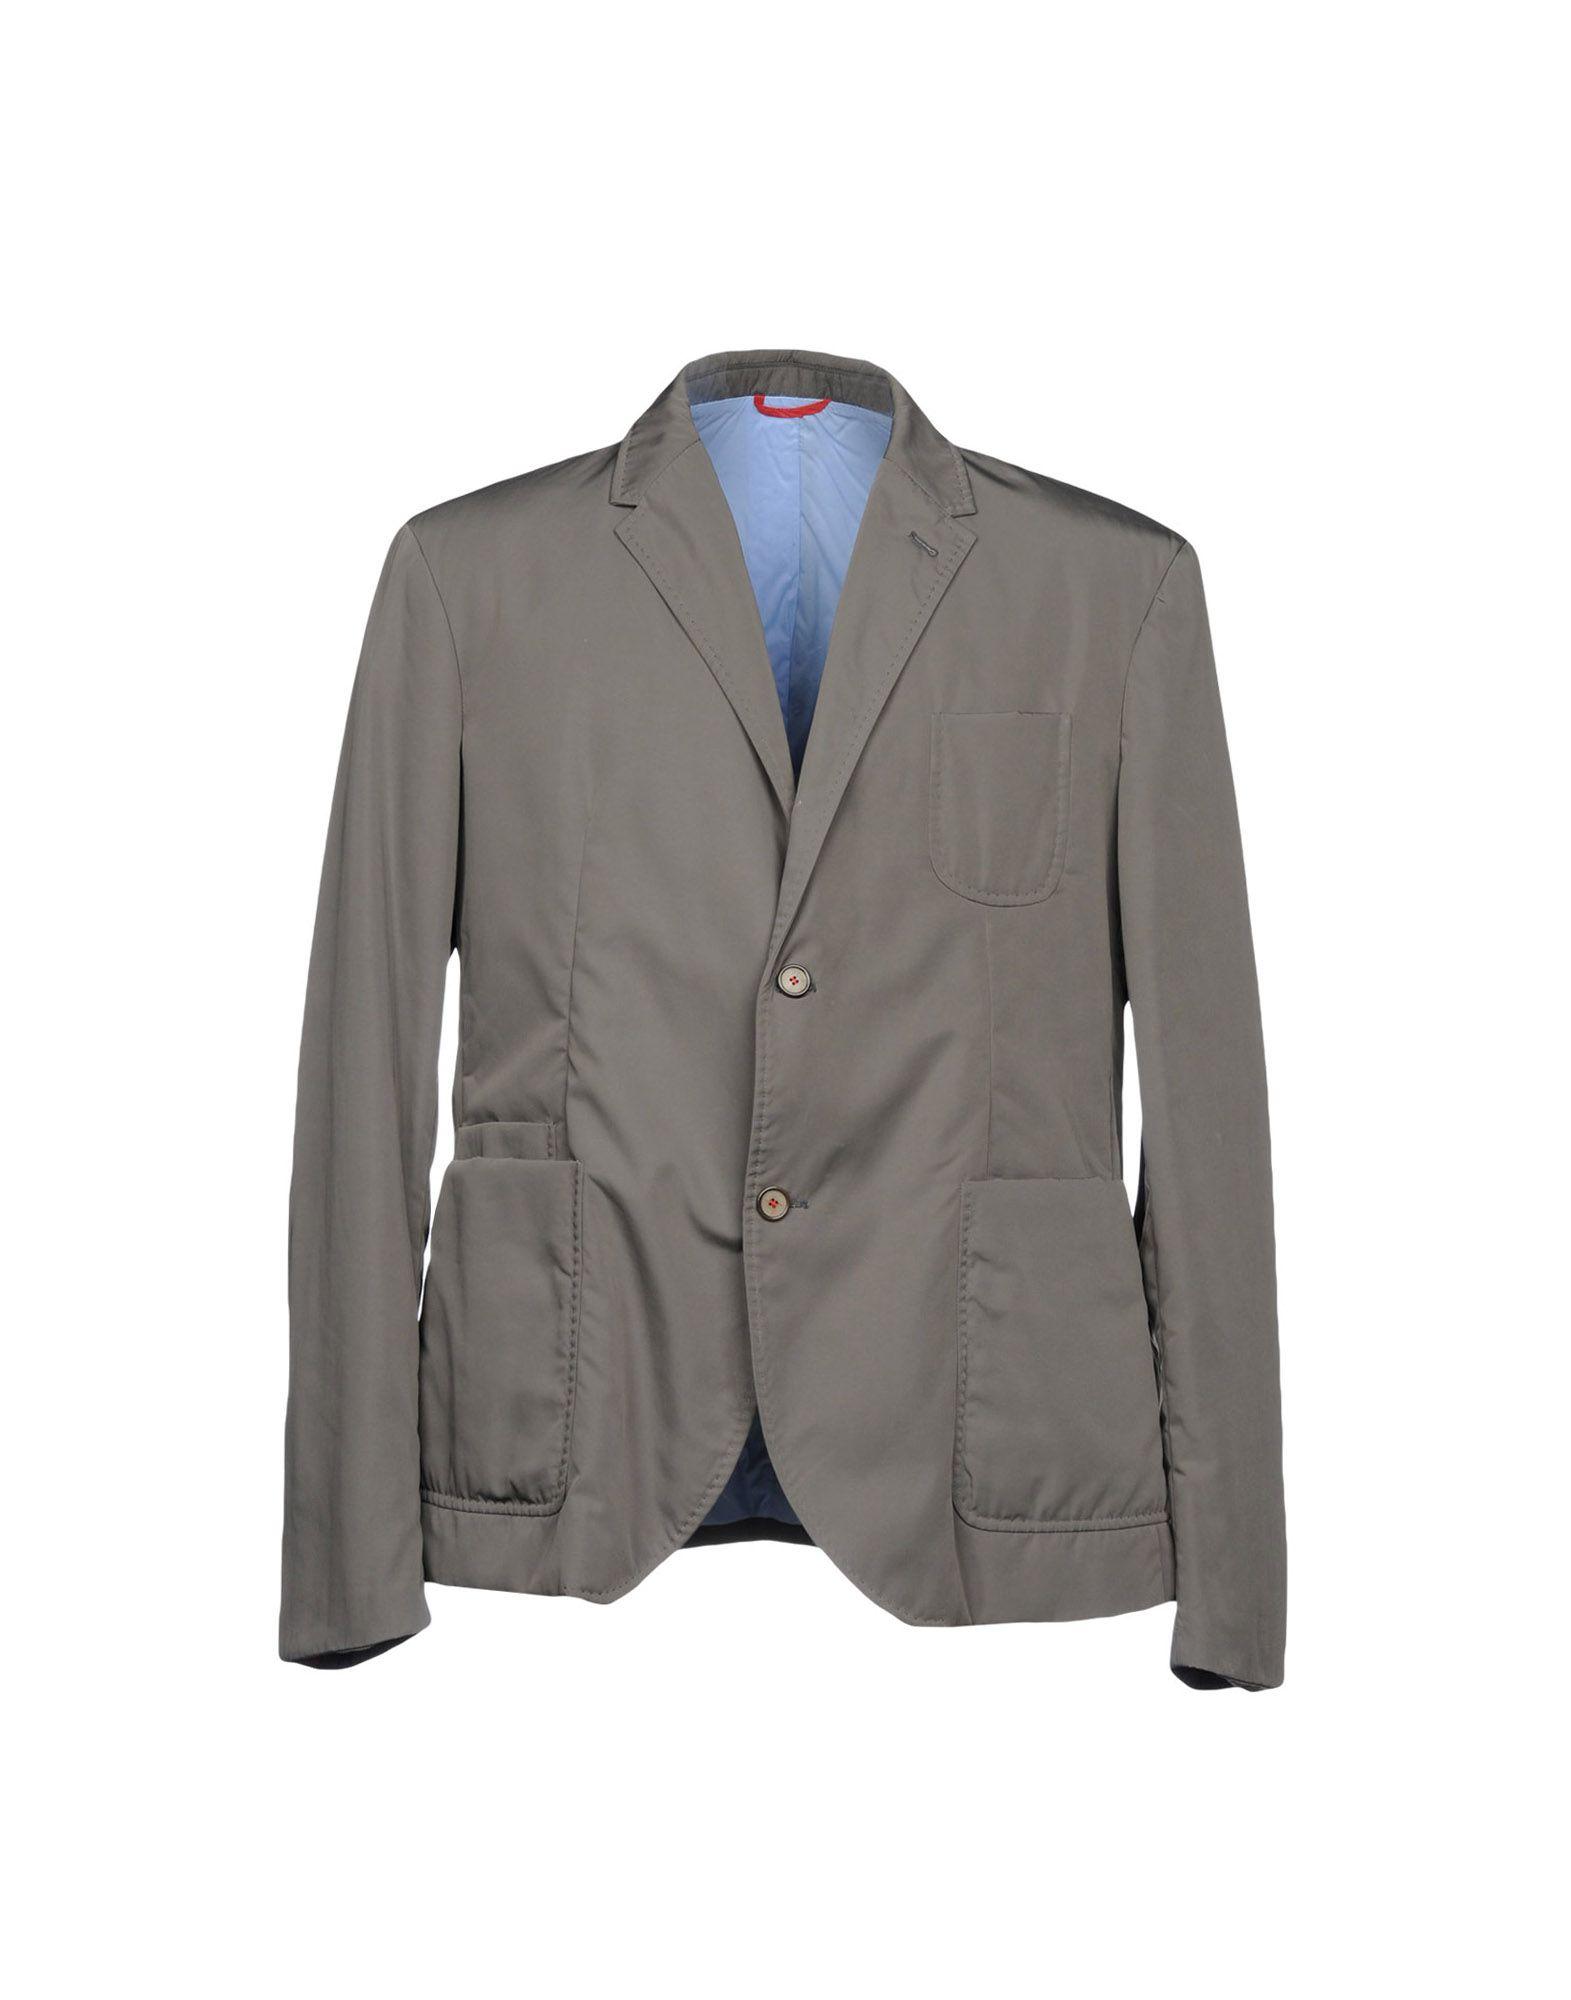 《期間限定セール中》SOME WEAR ELSE メンズ テーラードジャケット グレー 56 100% ポリエステル